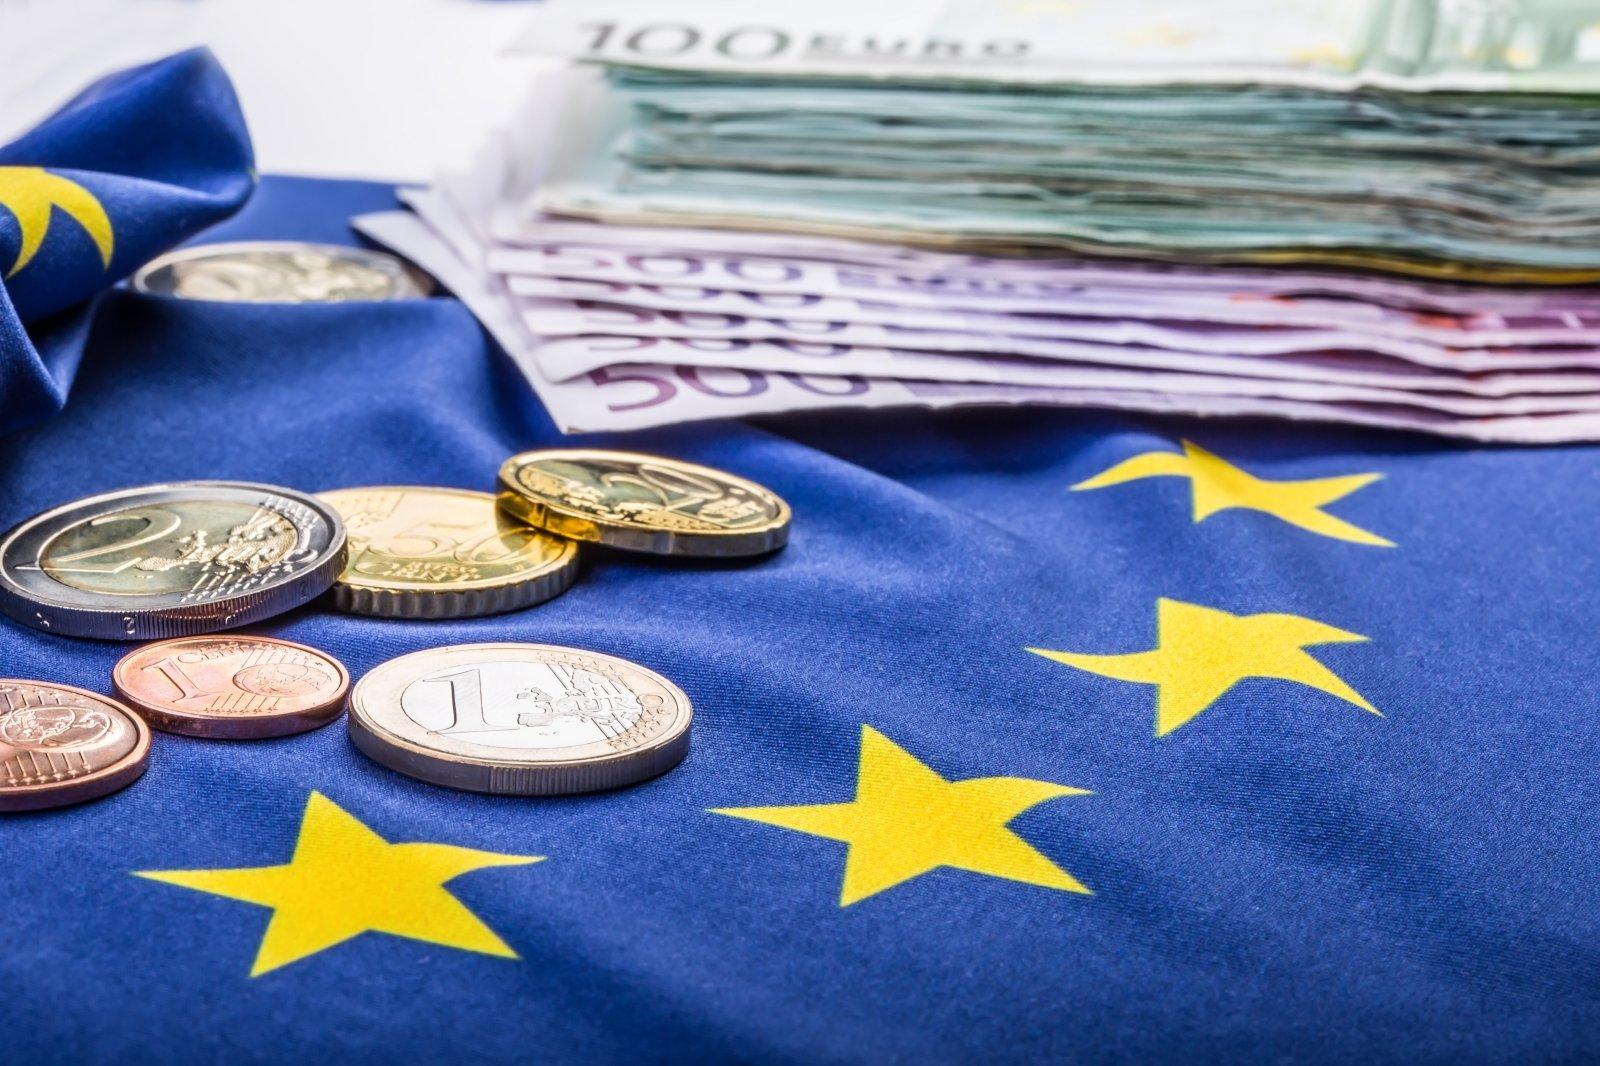 В ЕС послекризисный экономический план восстановления оценен в 750 млрд евро